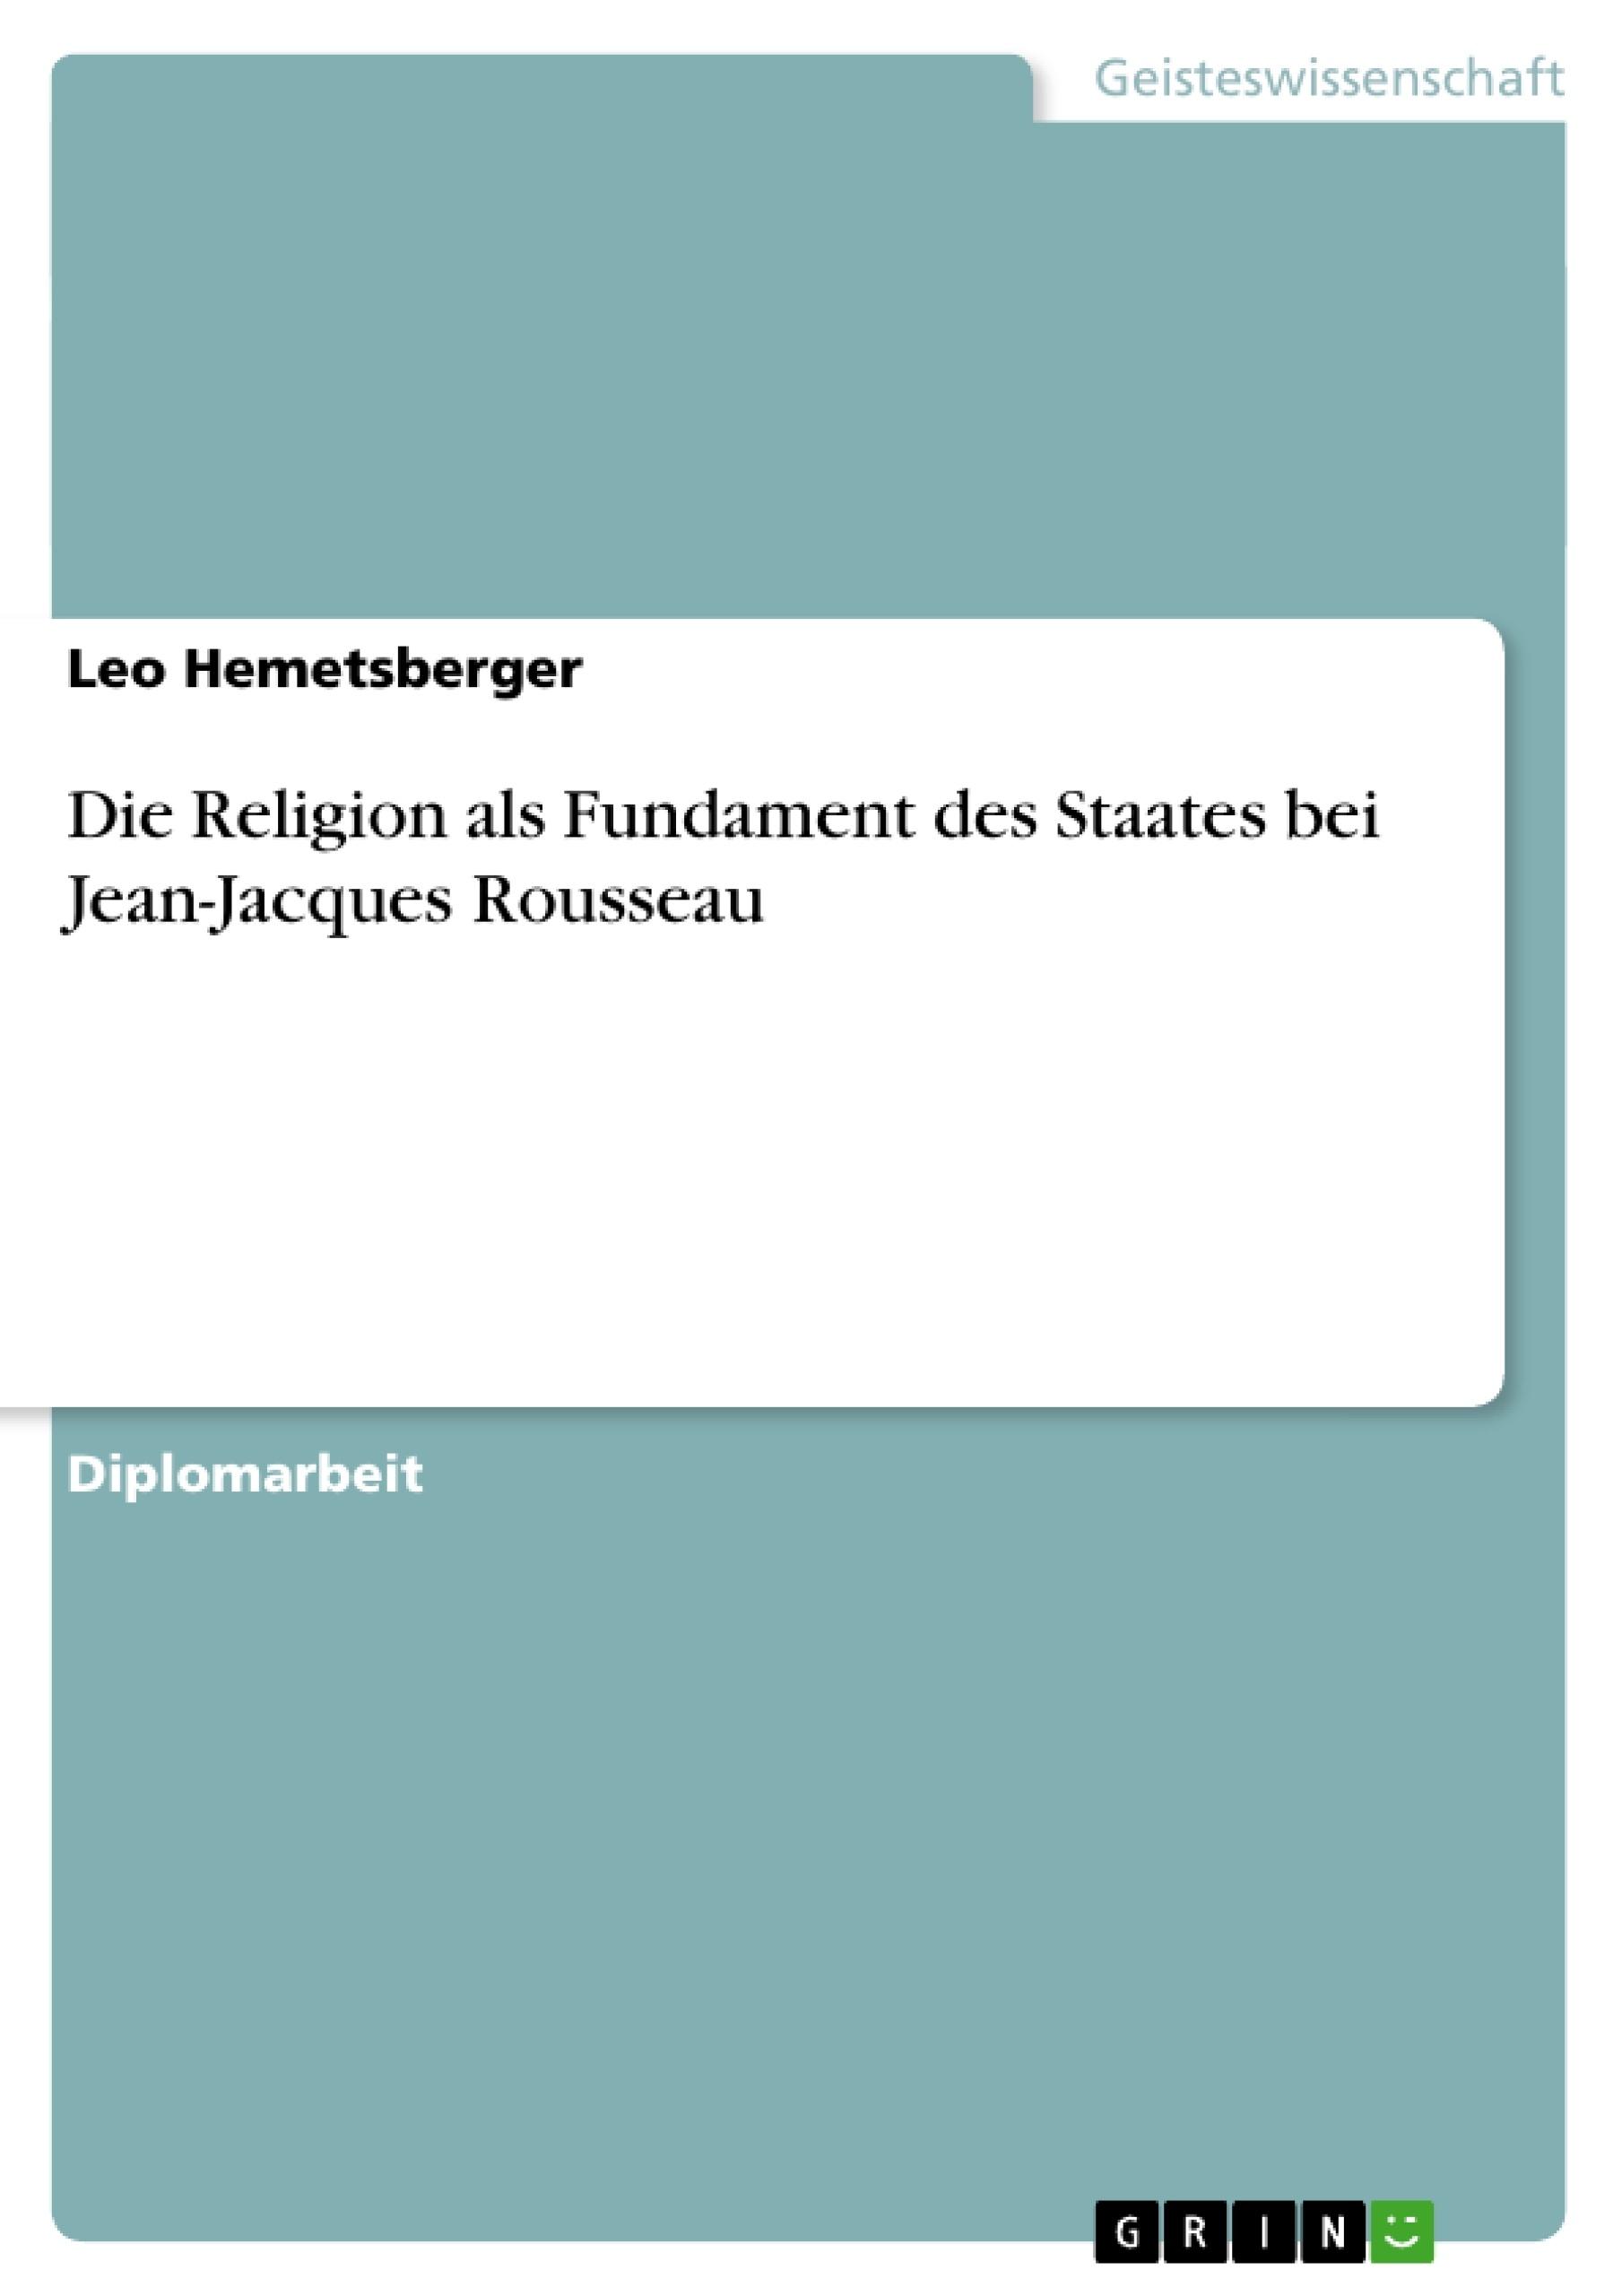 Titel: Die Religion als Fundament des Staates bei Jean-Jacques Rousseau